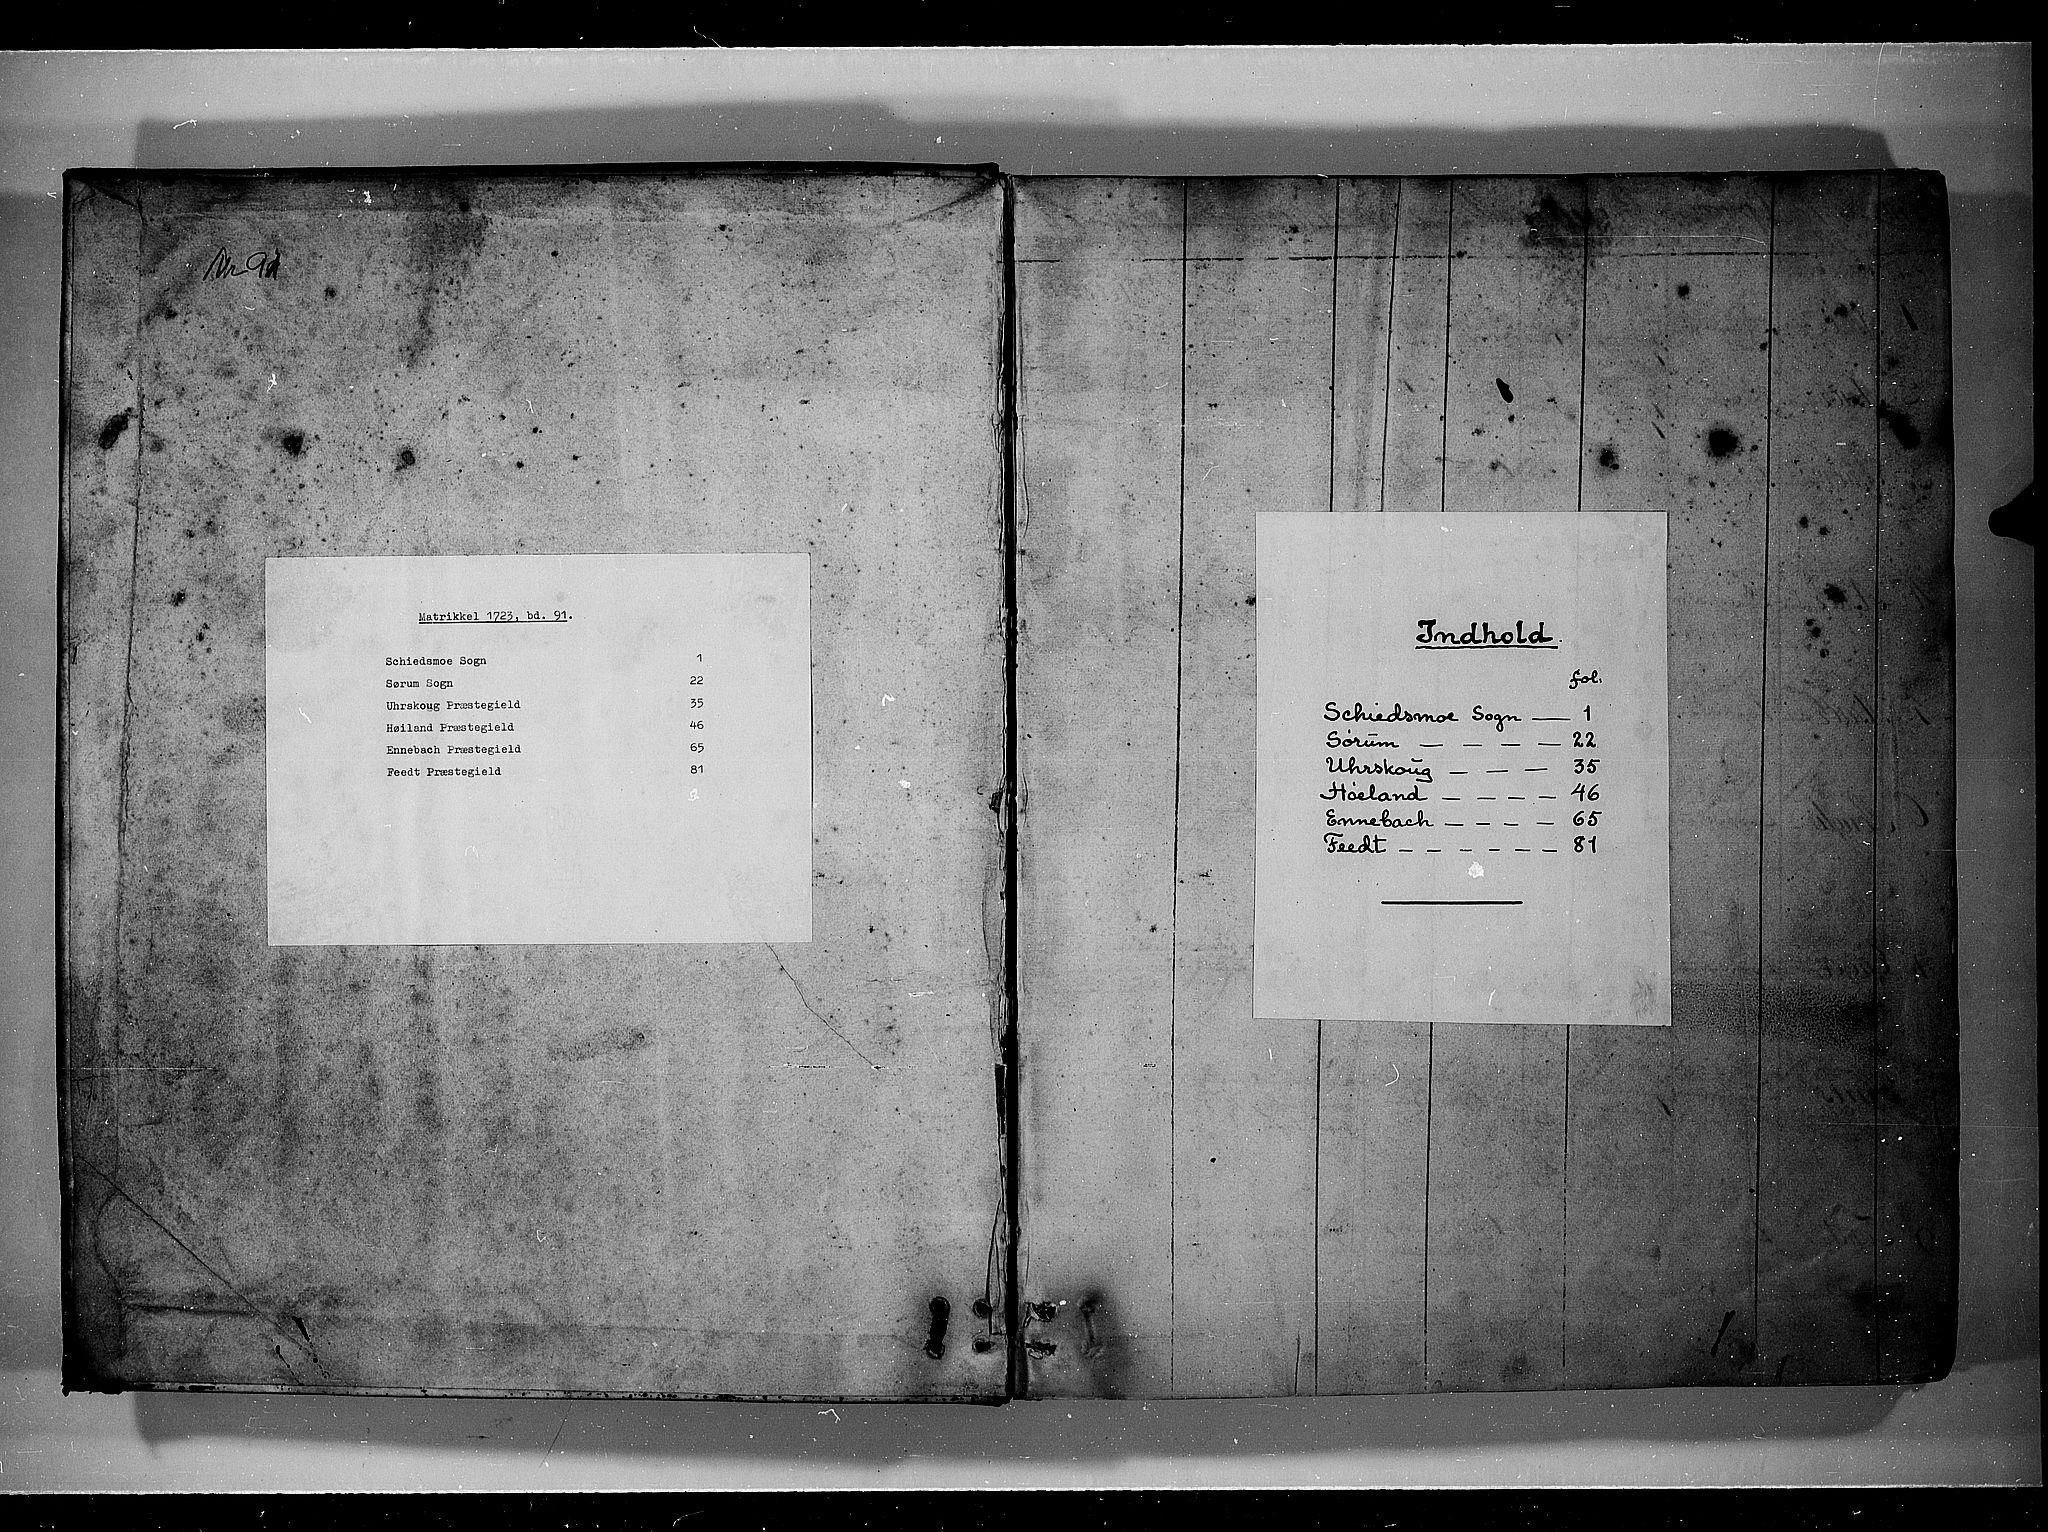 RA, Rentekammeret inntil 1814, Realistisk ordnet avdeling, N/Nb/Nbf/L0091: Nedre Romerike eksaminasjonsprotokoll, 1723, s. upaginert